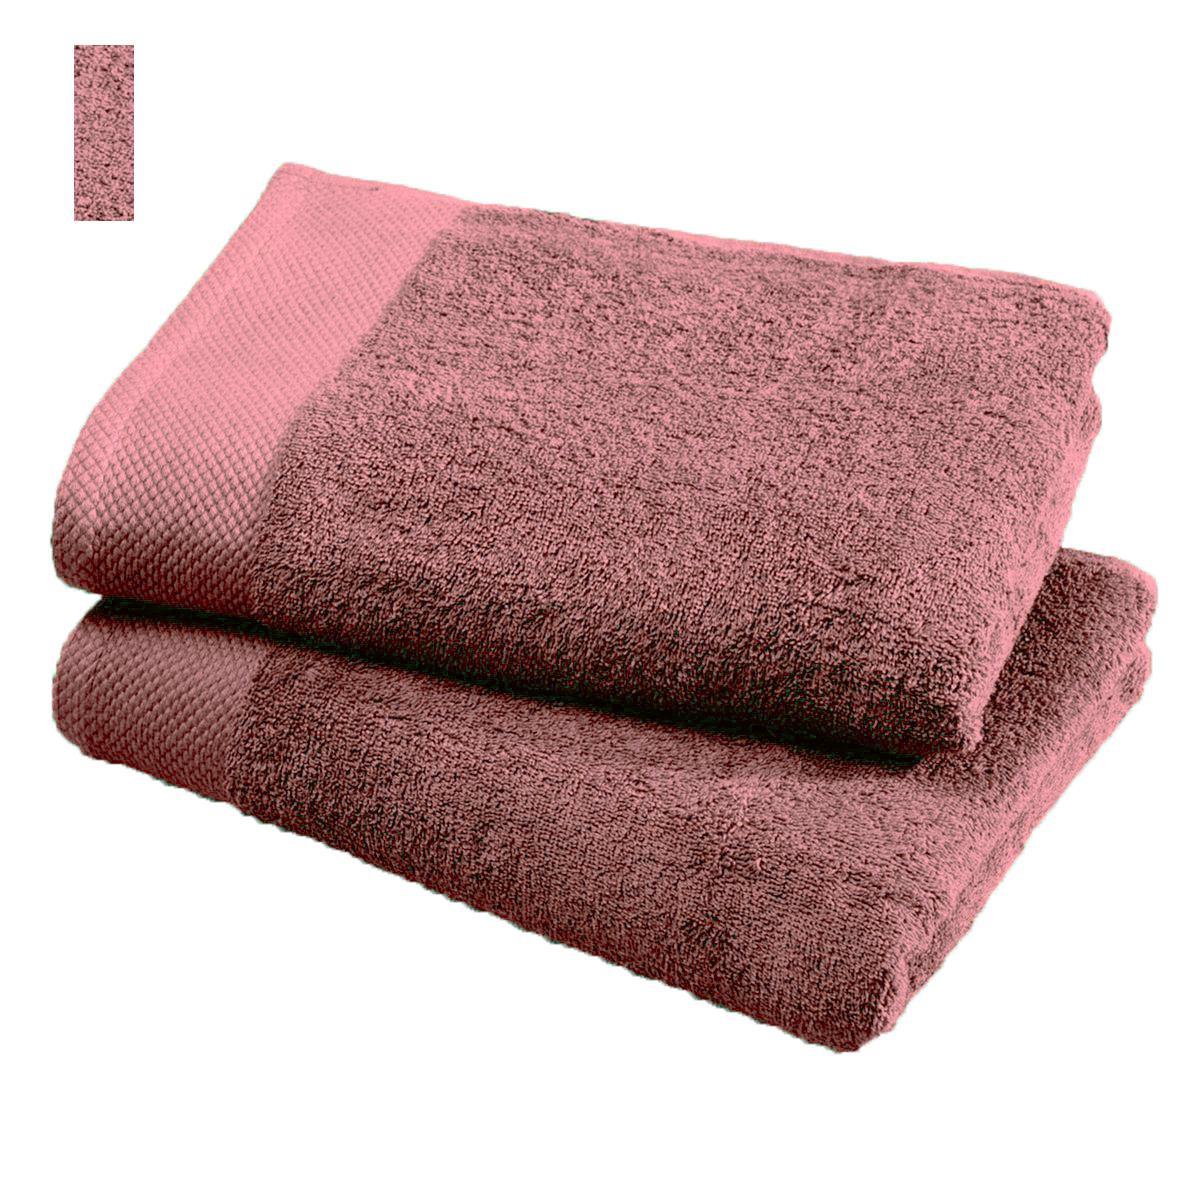 Asciugamano happidea in spugna di puro cotone assorbente for Teli decorativi